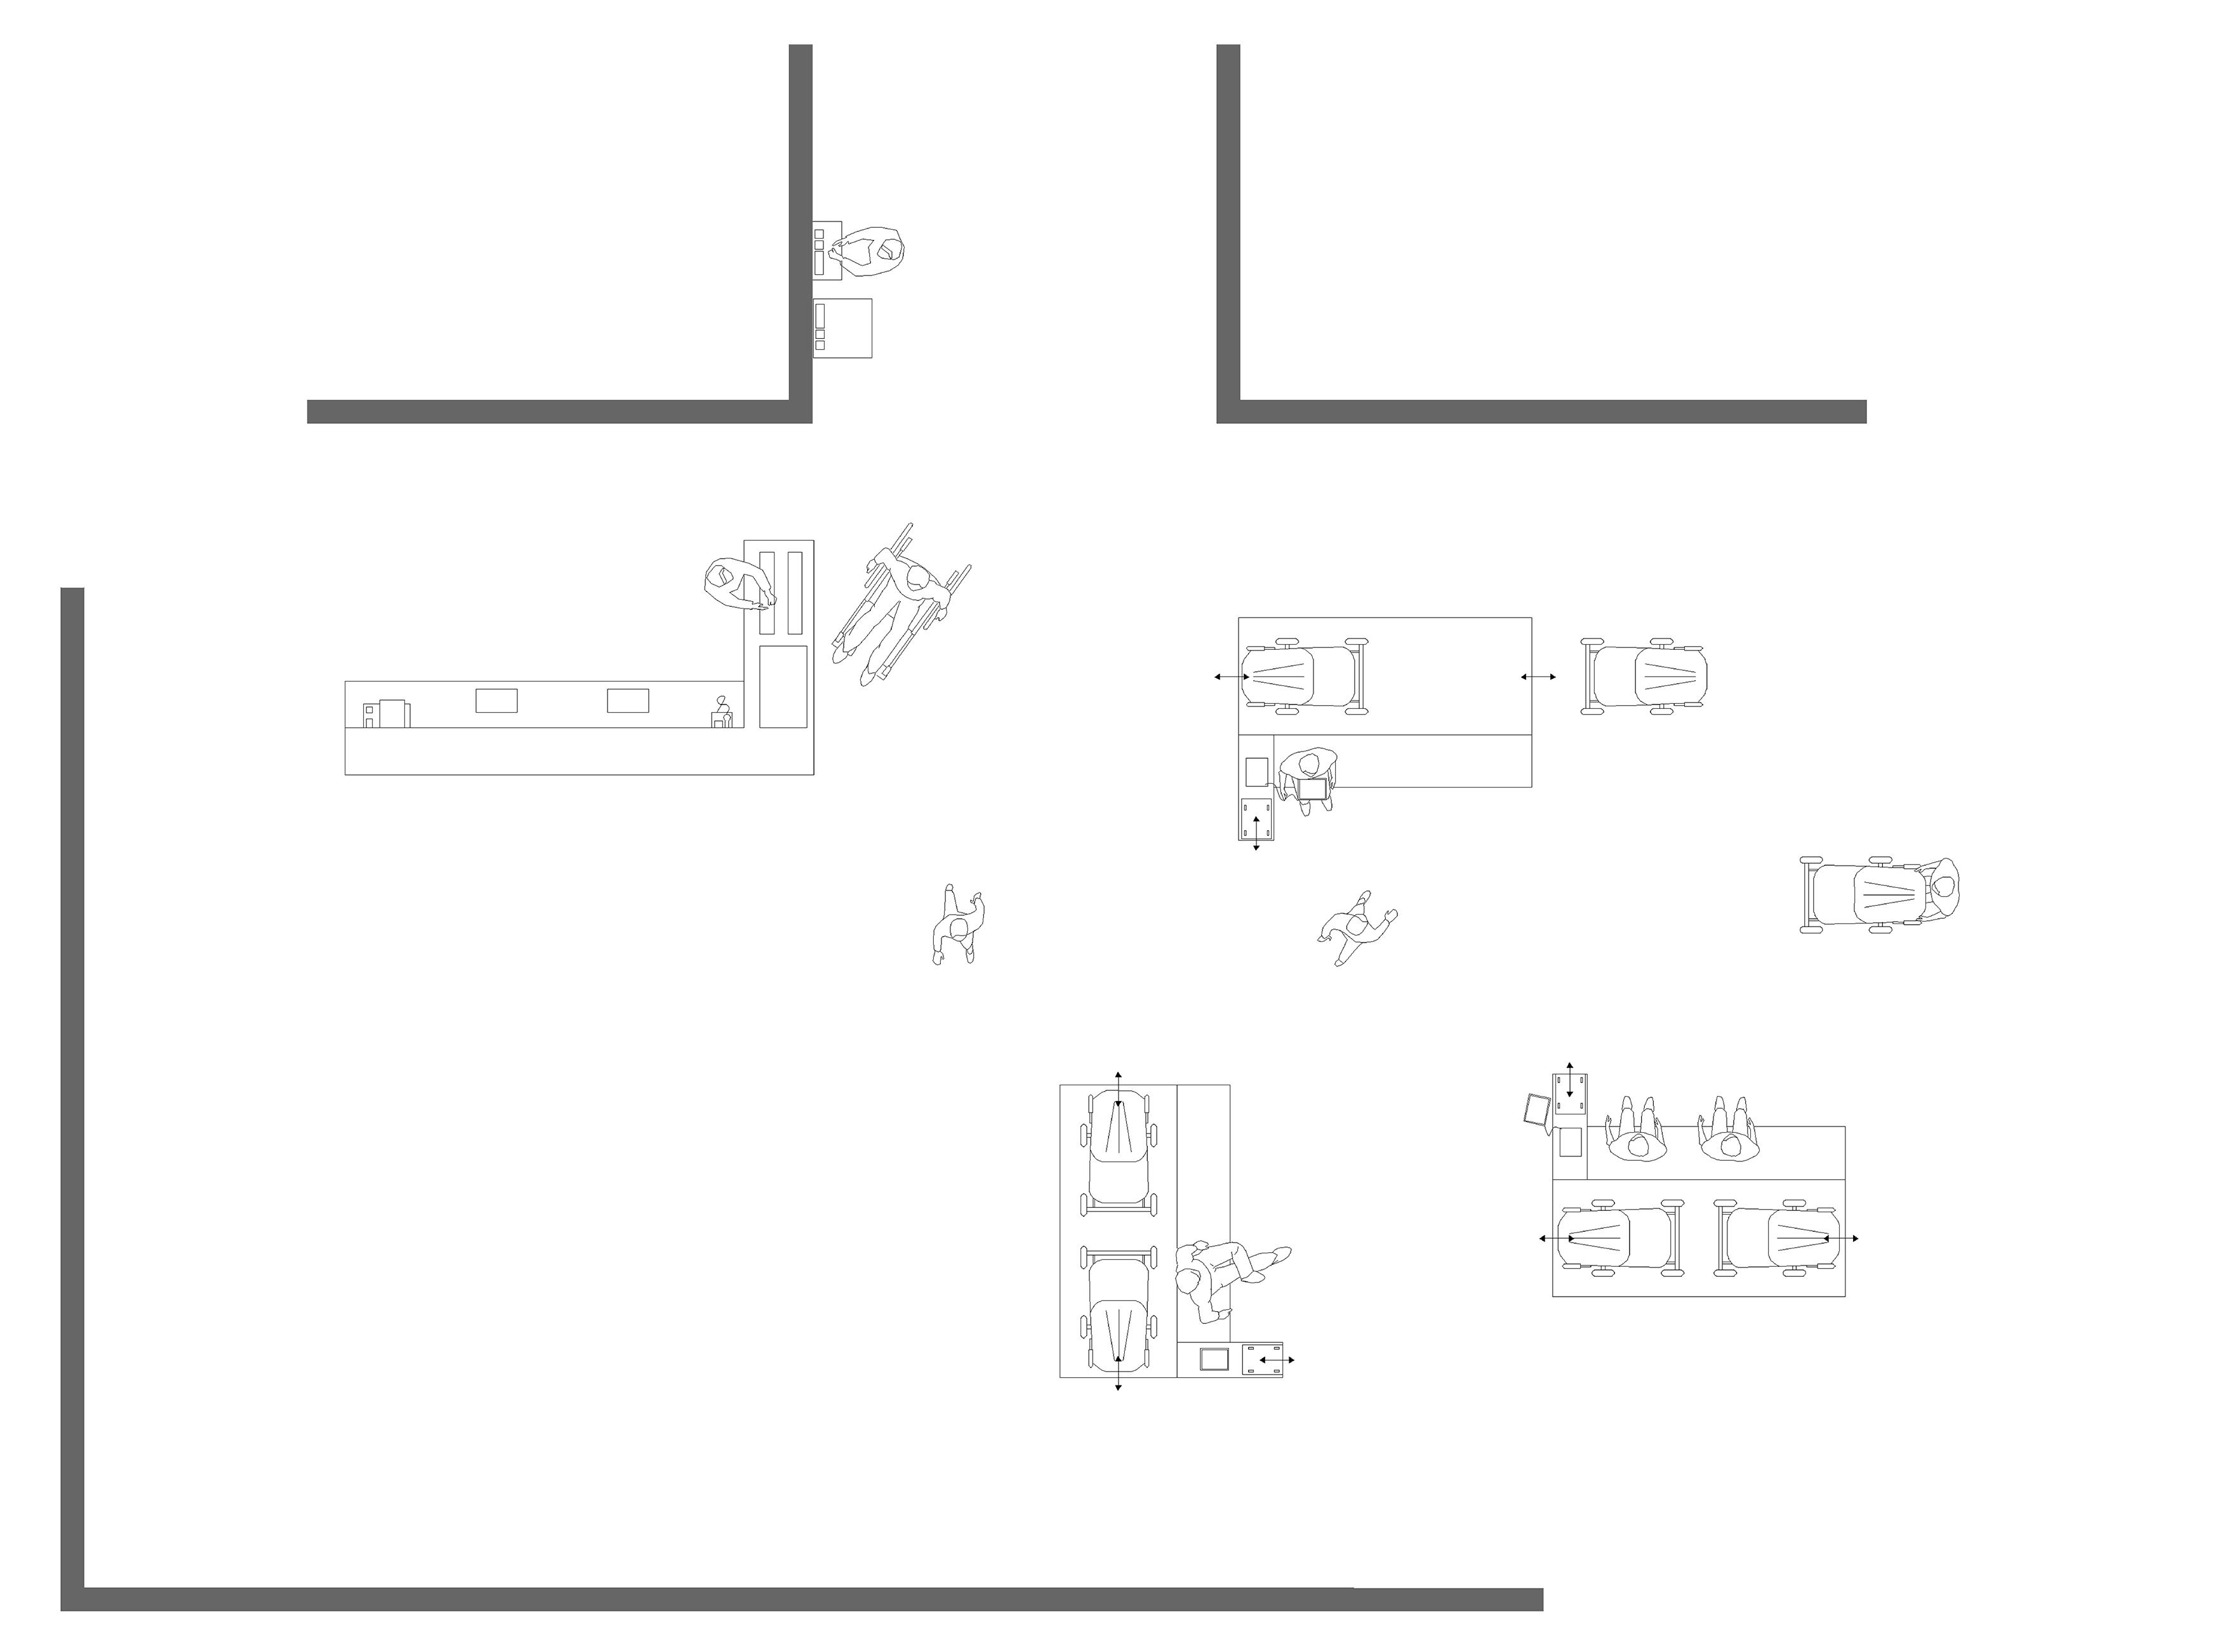 Grundriss Hotelfoyer : Foyer neo t räume